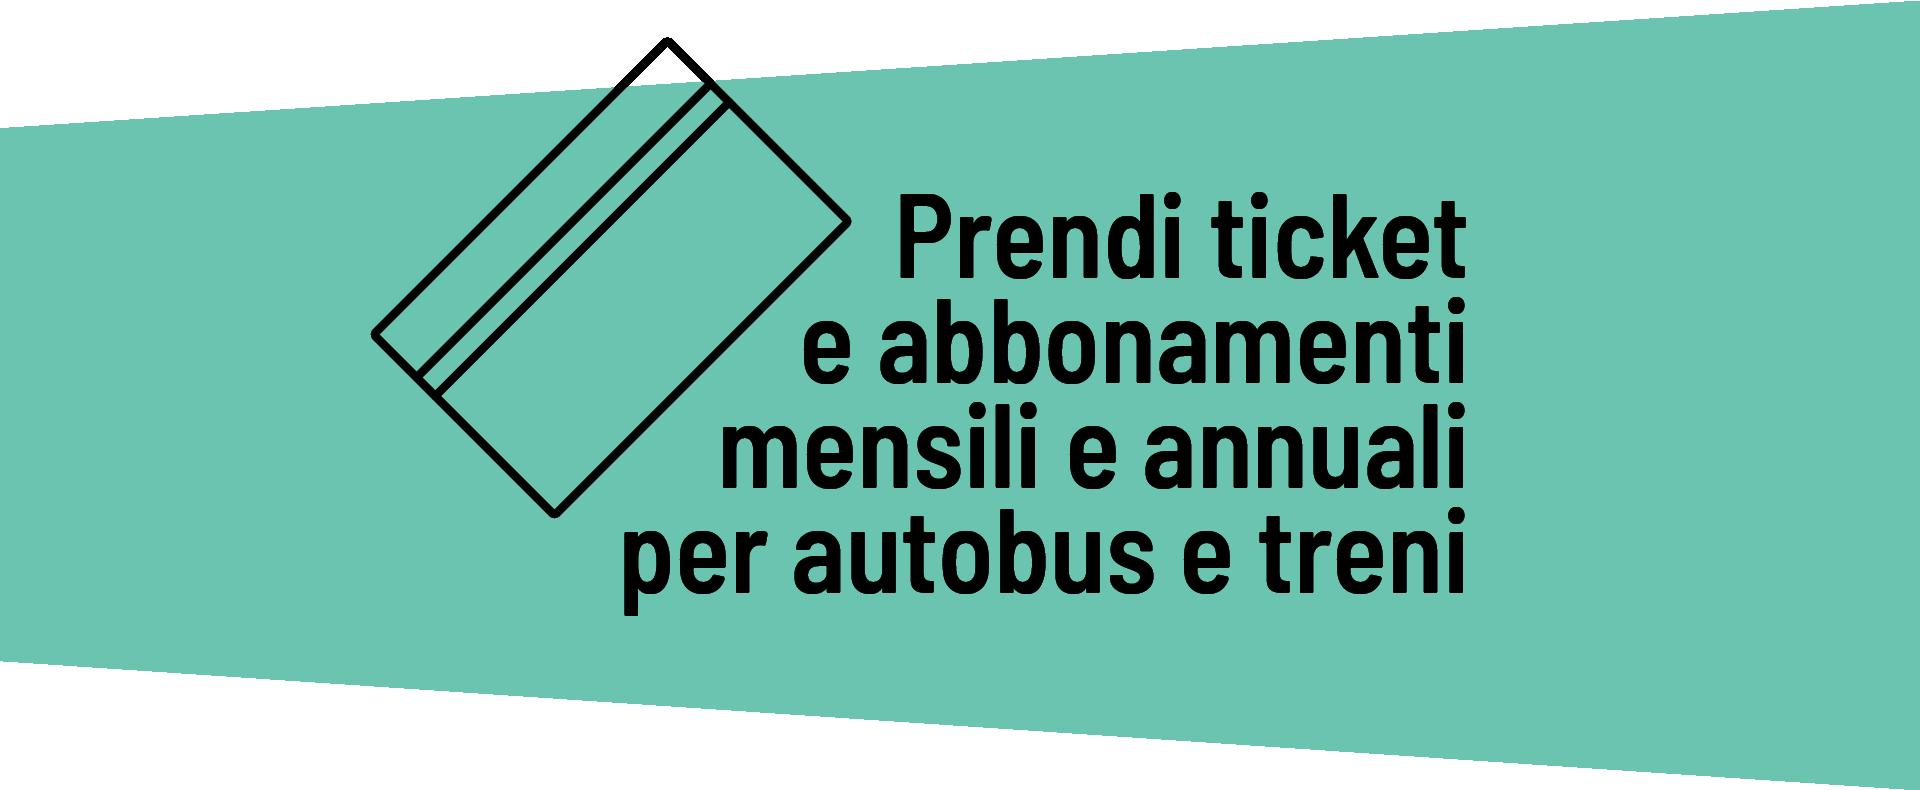 Roger - Acquisti con un click tutti i biglietti per bus treni e parcheggi